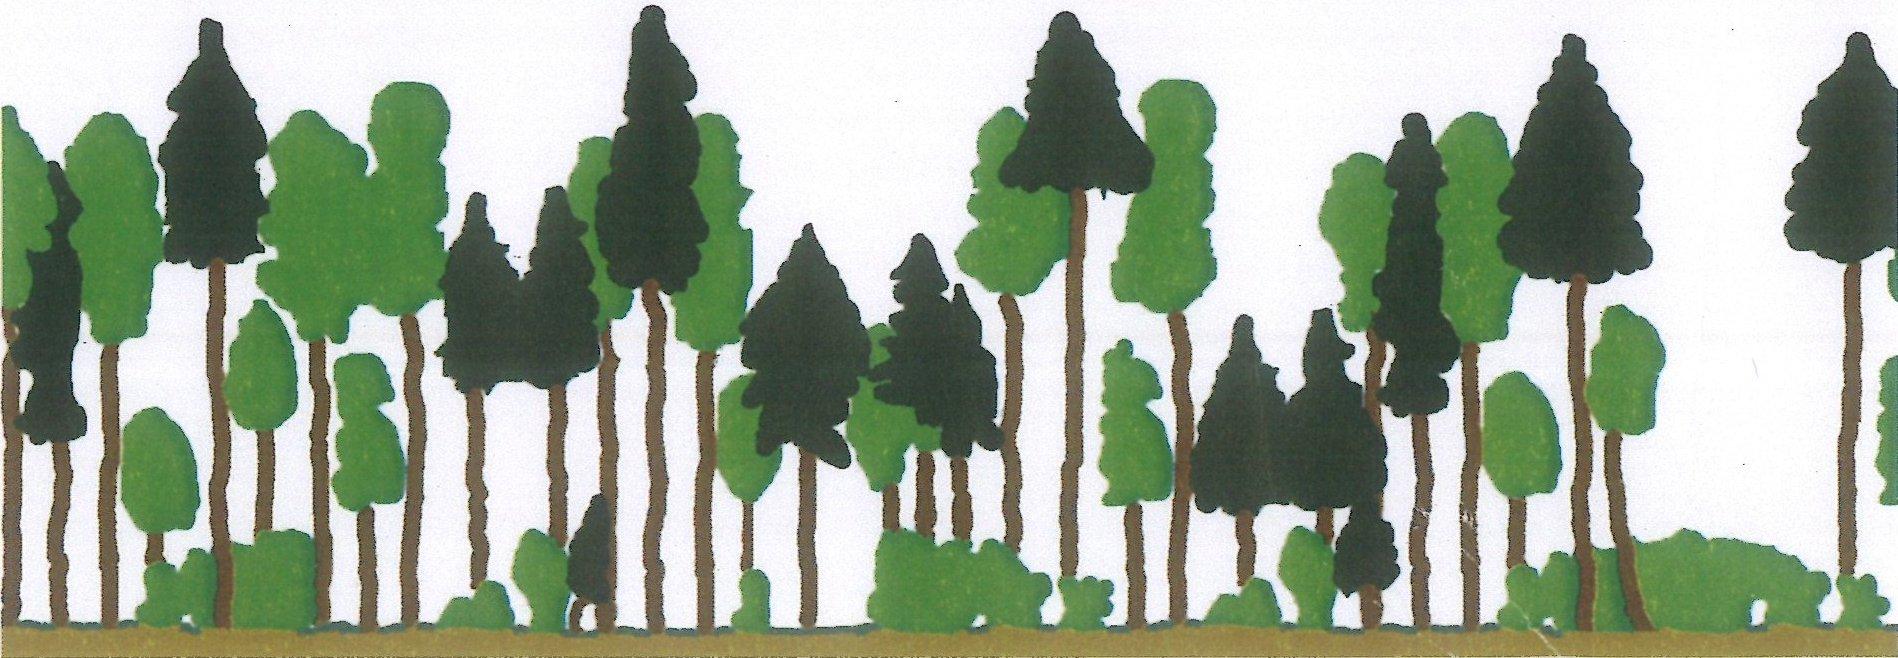 structuurrijk bos